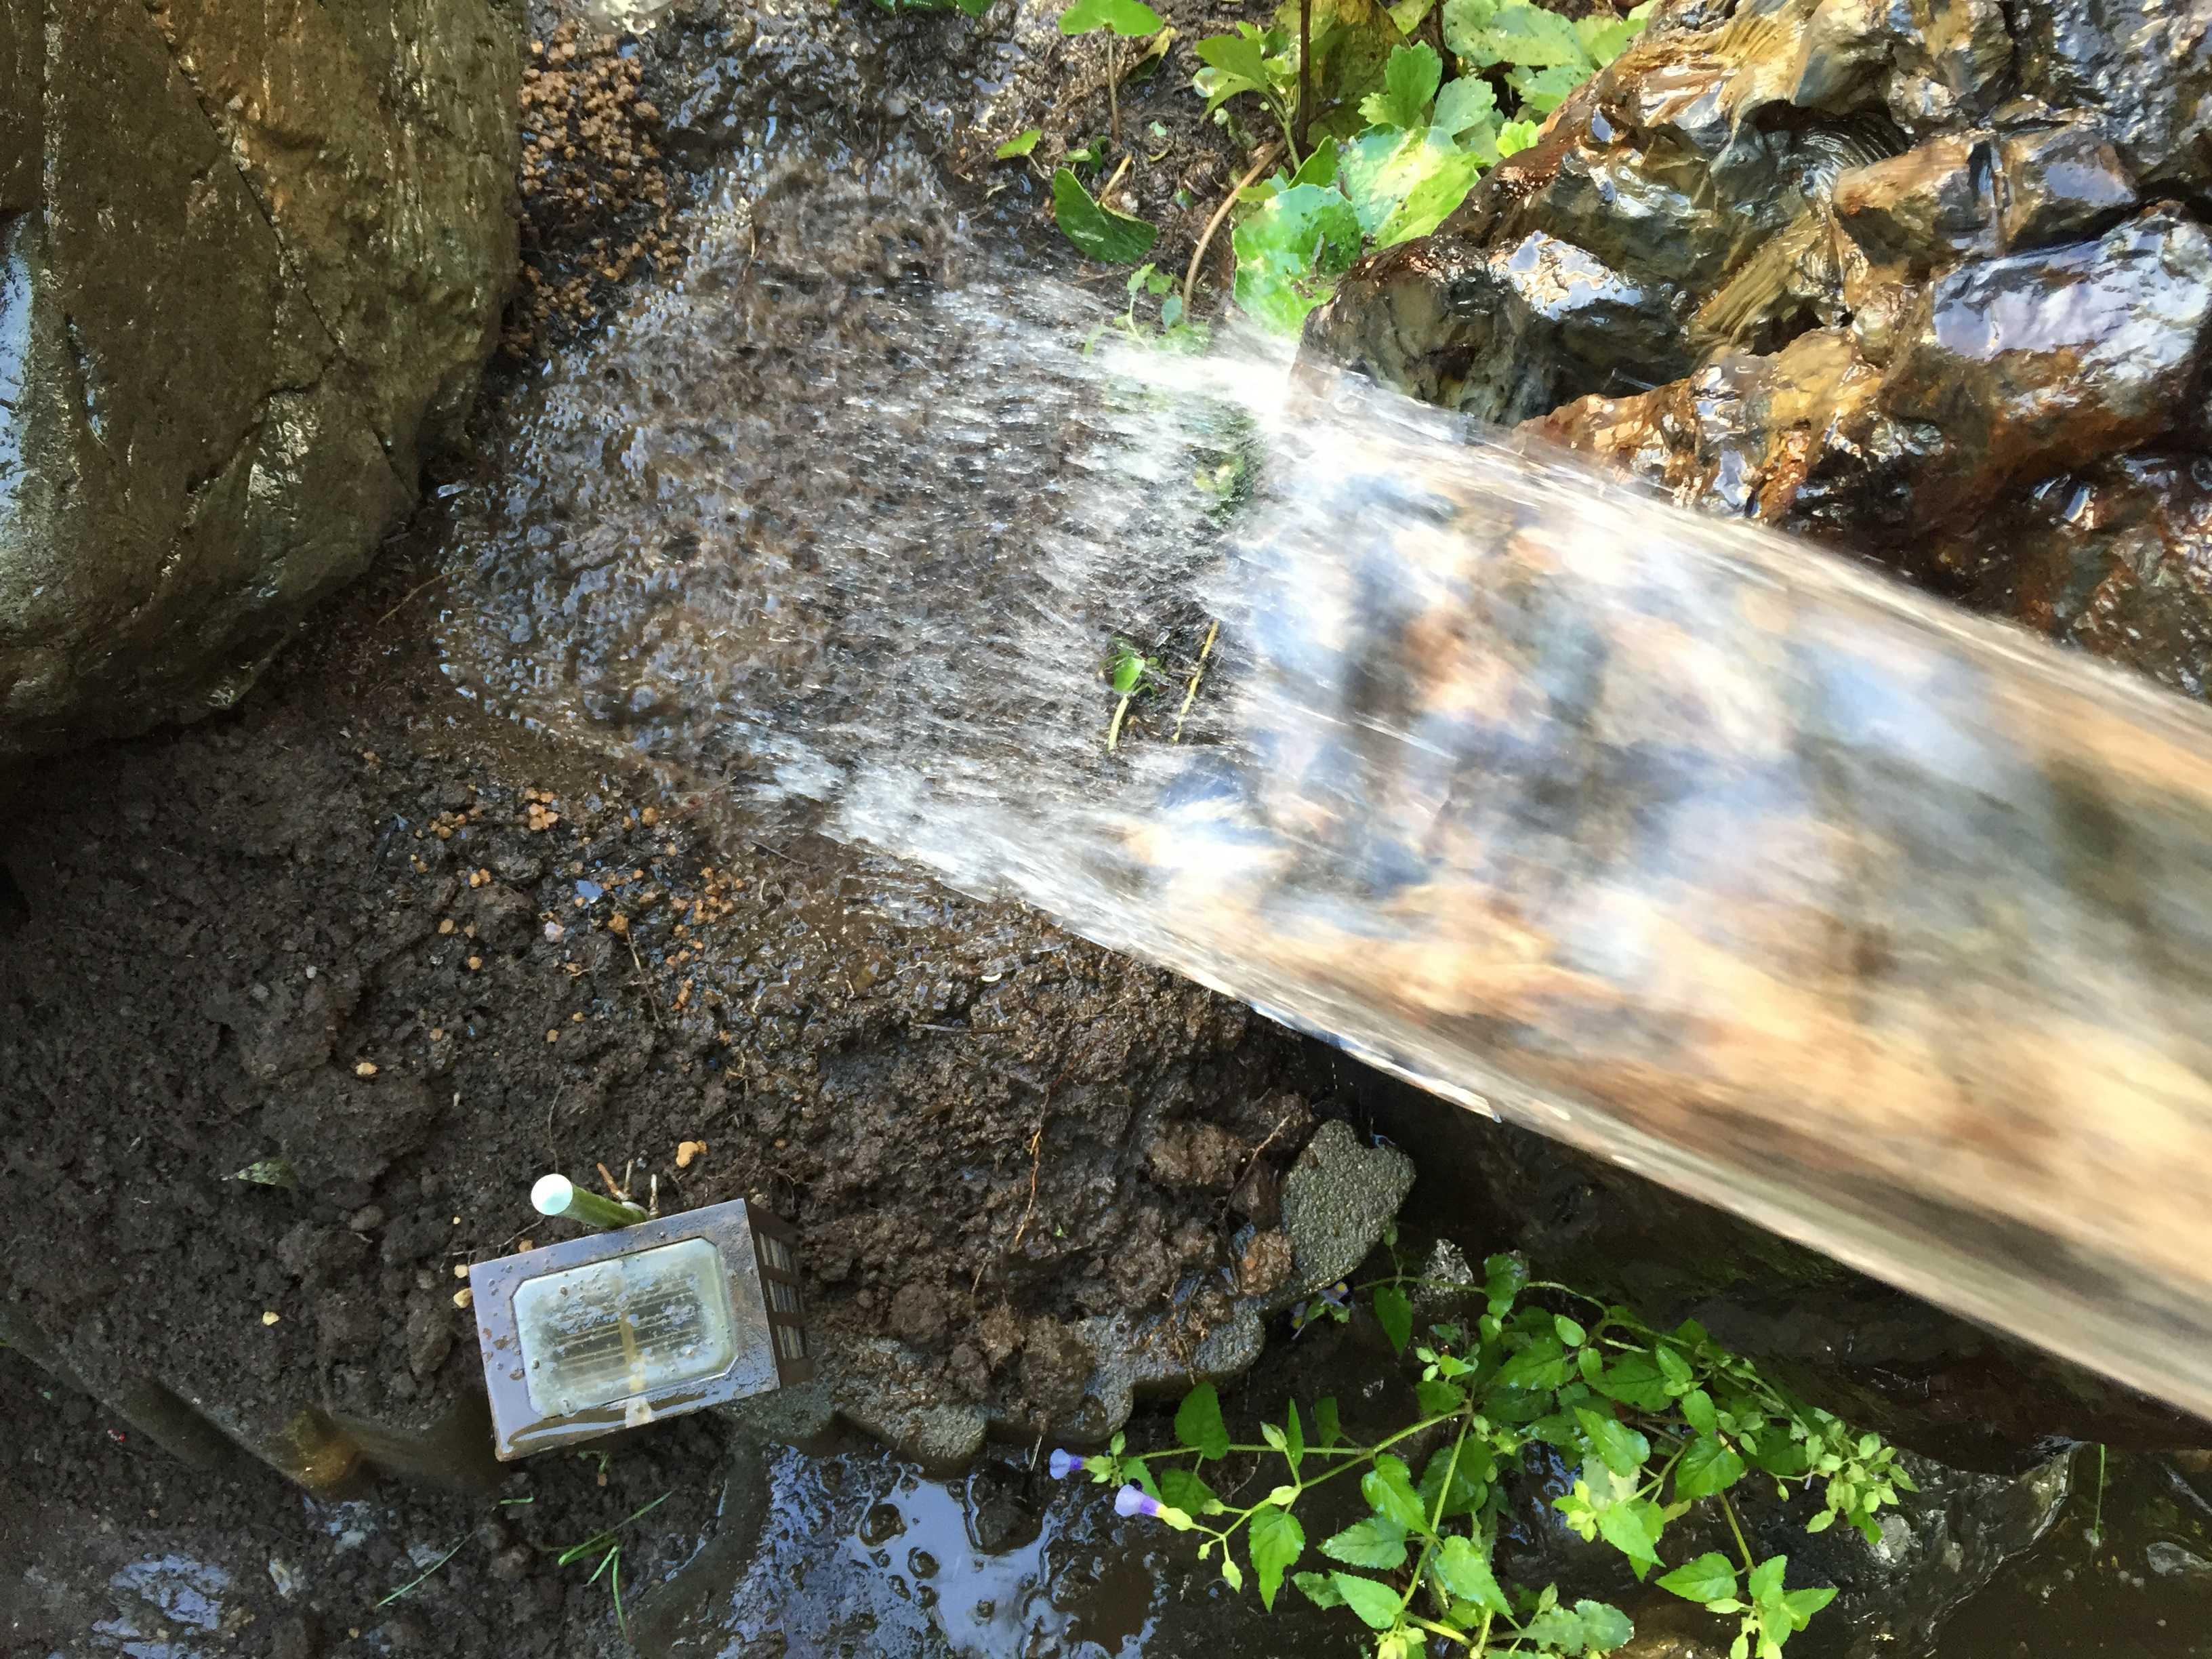 サルスベリ夏祭り(ペパーミントレース)の植え付け用の穴への水やり